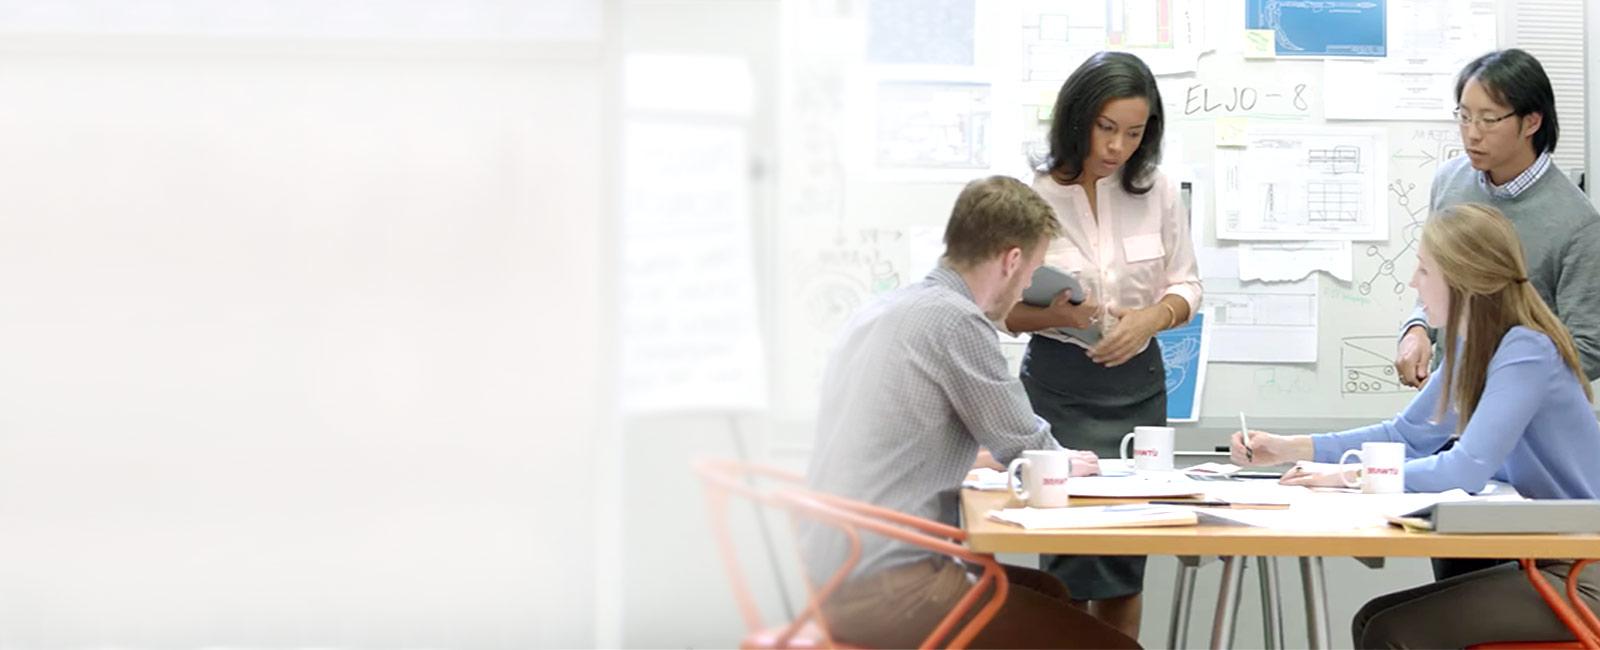 Deux personnes debout et deux assises à une table couverte de documents devant un tableau blanc.